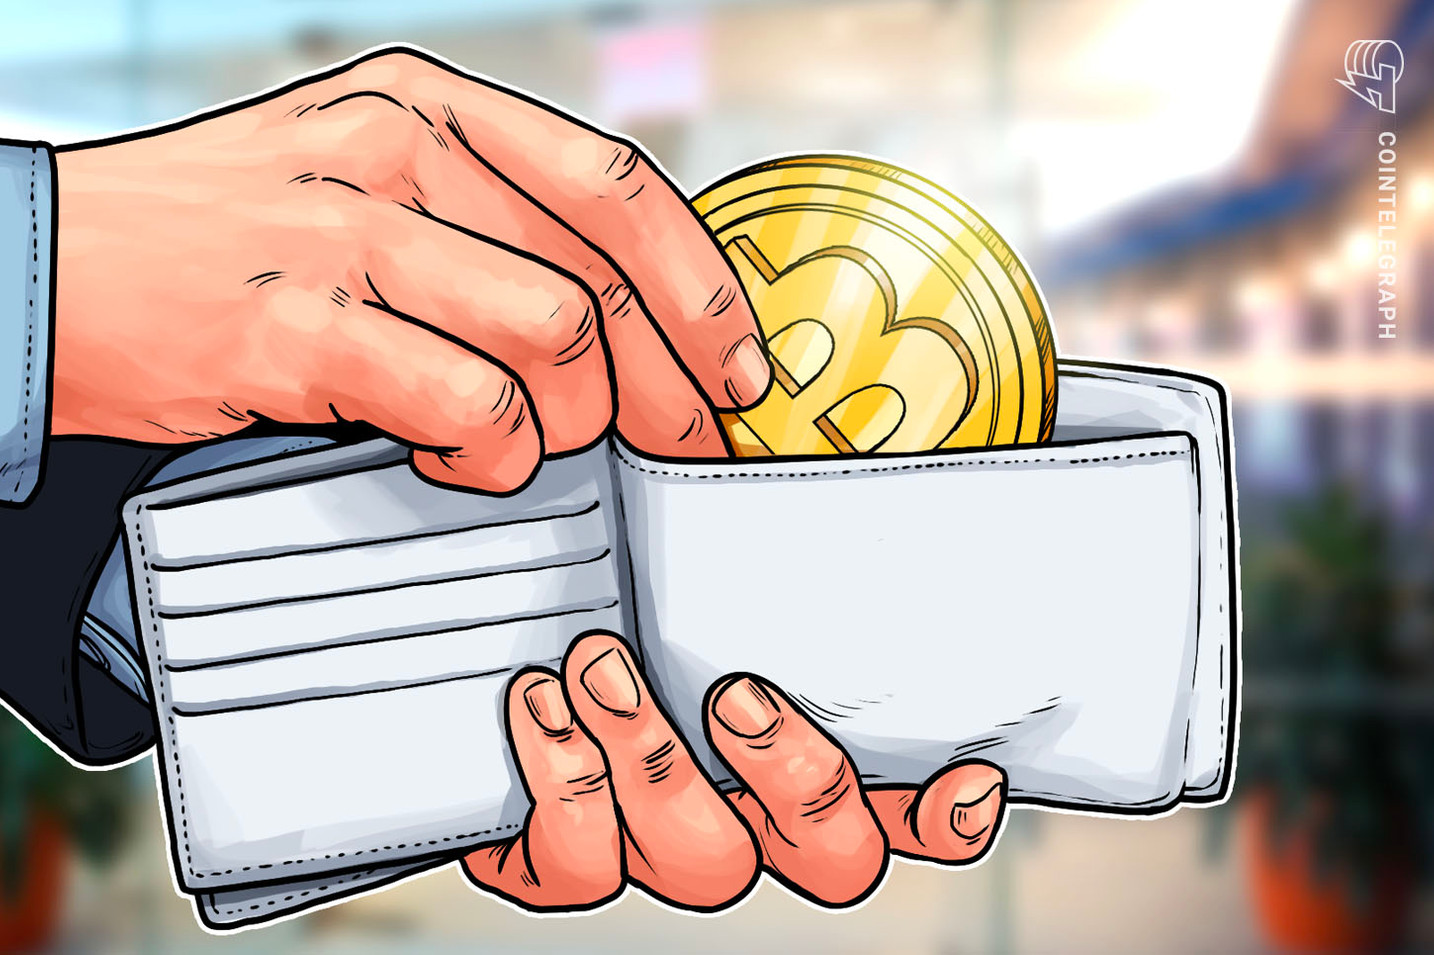 Für die Massentauglichkeit – BitPay macht wieder alle Bitcoin-Wallets für Krypto-Zahlungen verfügbar